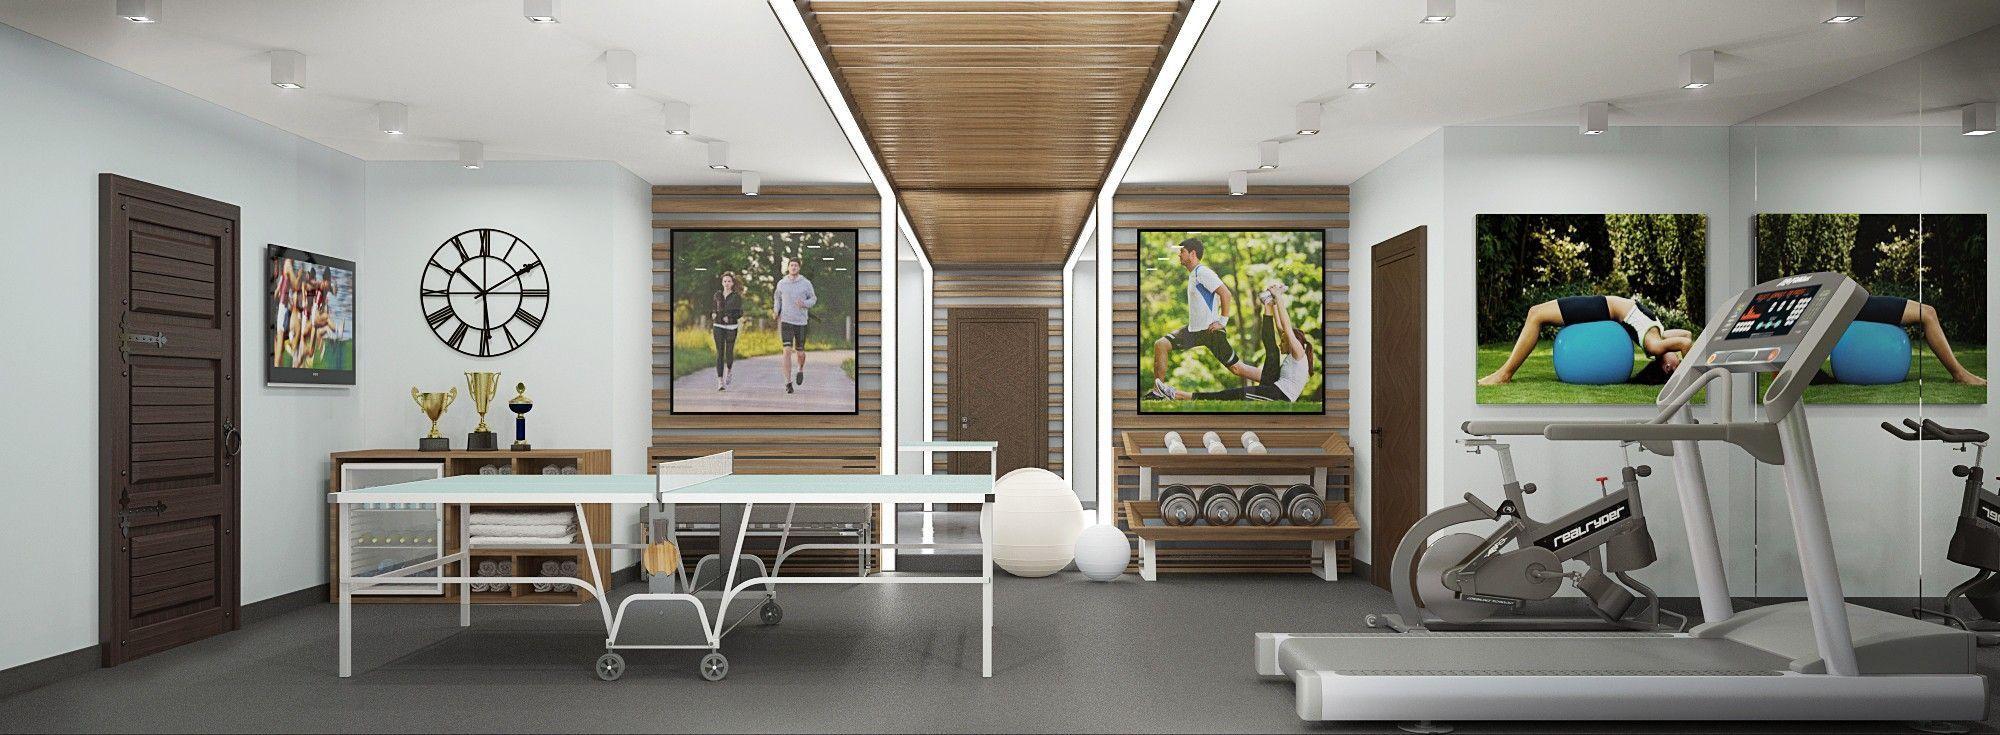 Спортивный зал. Дизайн интерьера дома.